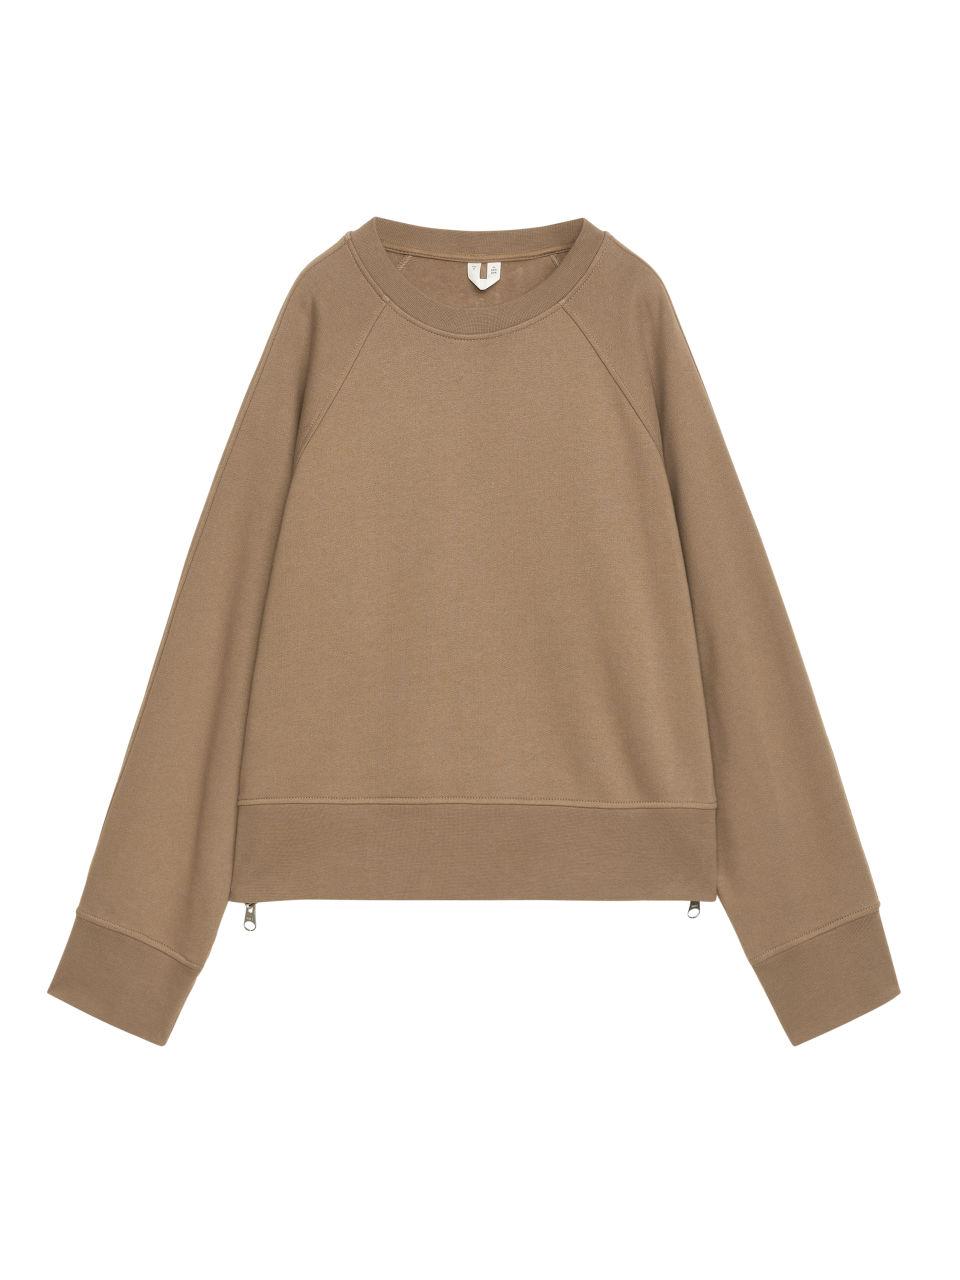 Boxy Sweatshirt - Beige